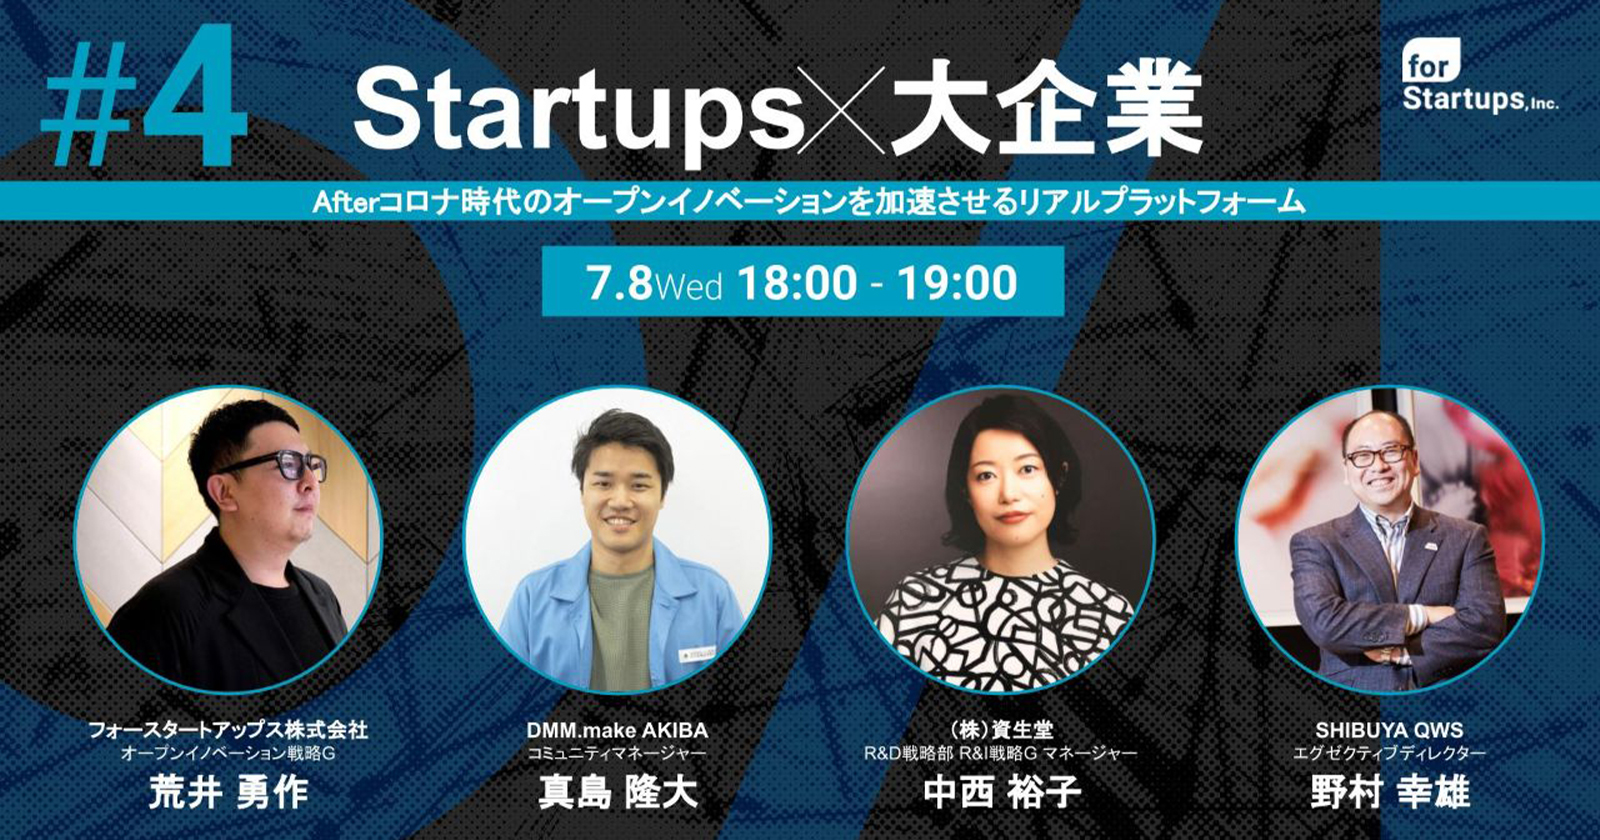 """【イベント】""""「Startup x 大企業 #4」 〜Afterコロナ時代のオープンイノベーションを加速させるリアルプラットフォーム""""を開催しました。"""